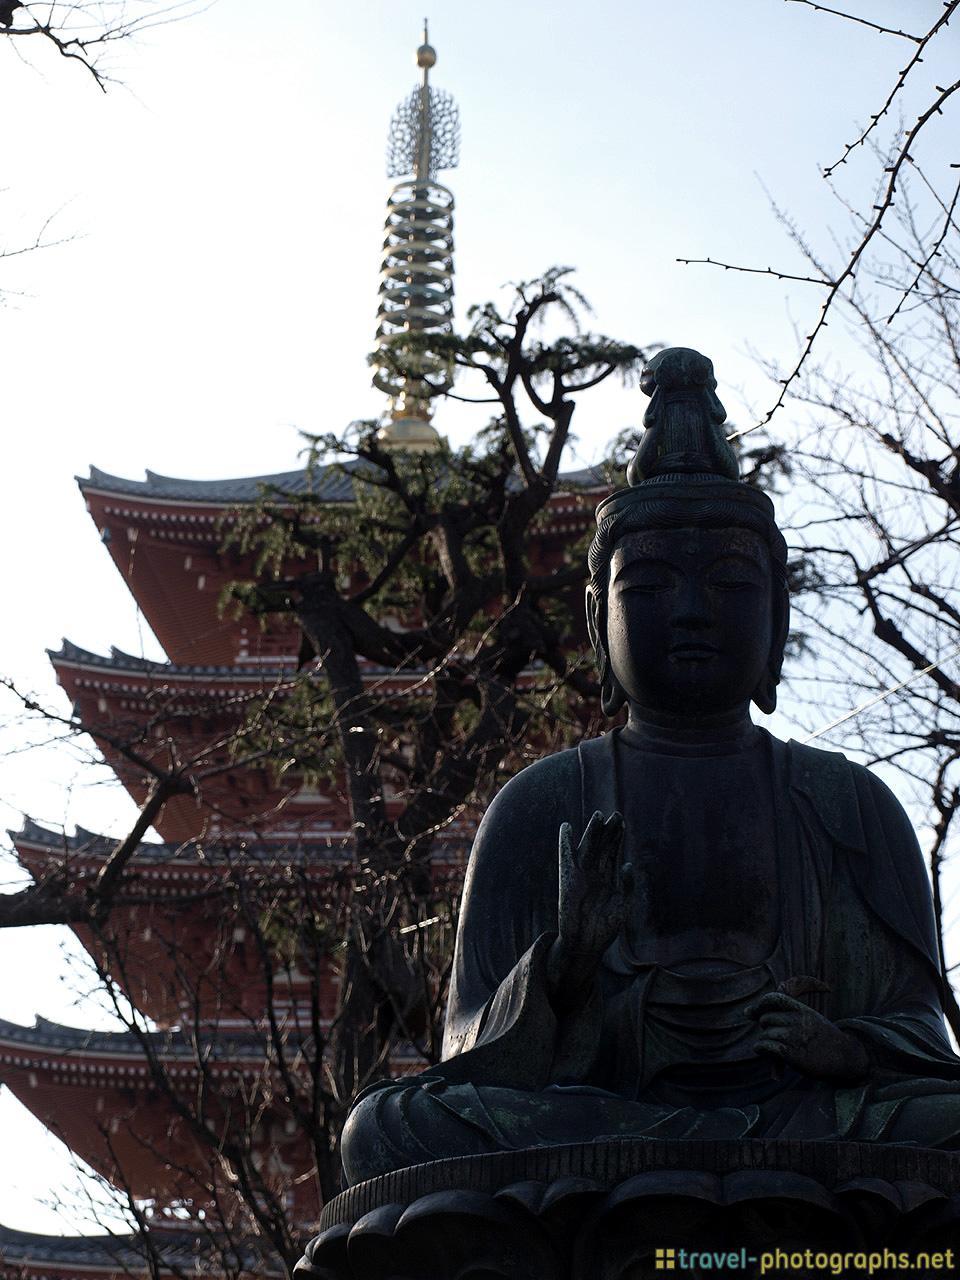 statue-asakusa-senso-ji-tokyo-photos